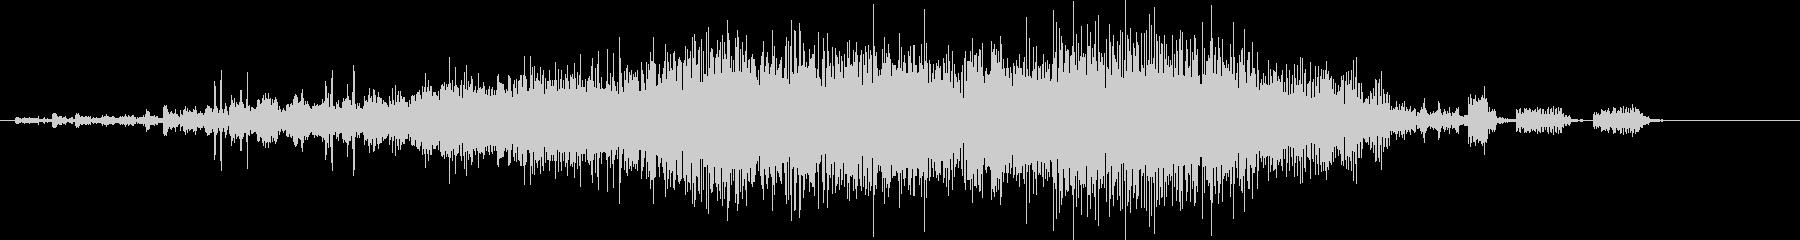 【SF】【機械】 奇妙な音_05 ロボの未再生の波形